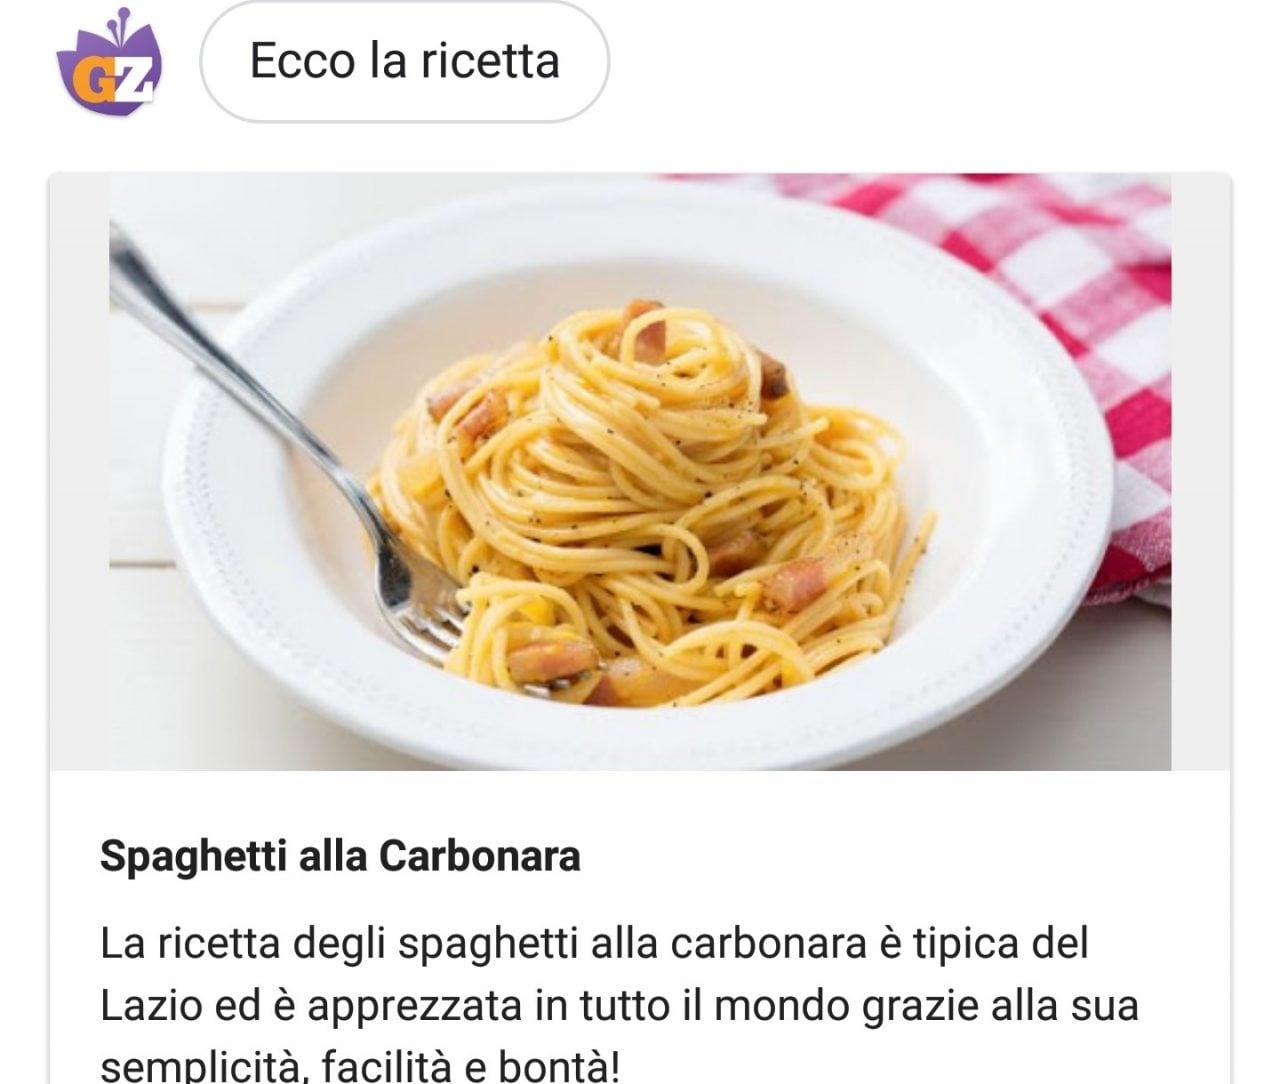 Google Assistant vi insegna a cucinare con Giallo Zafferano, e non solo! (foto)